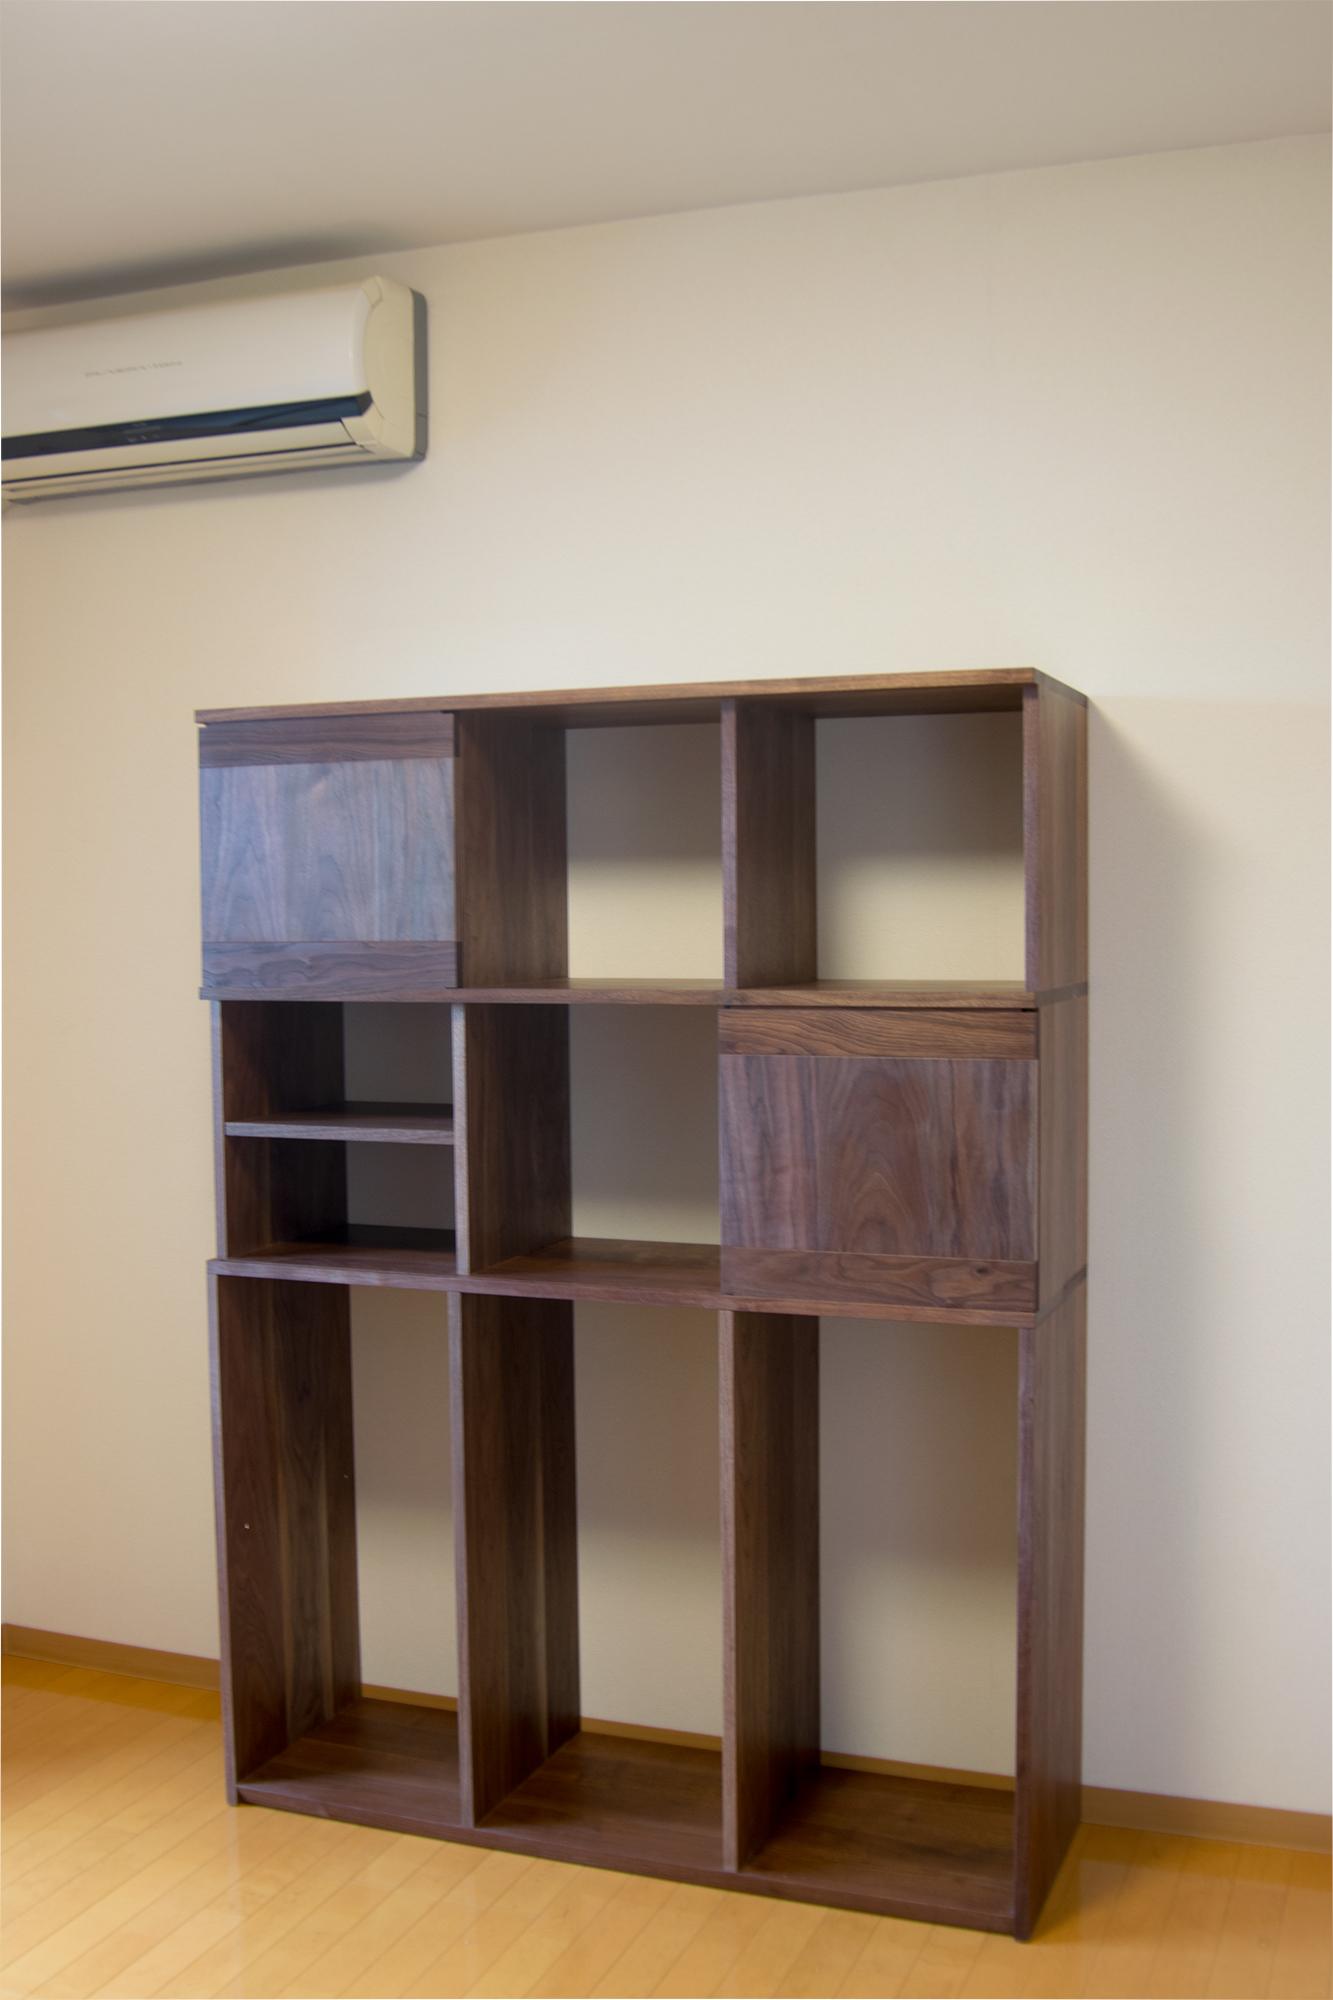 ウォールナット材で製作したTANAし収納棚、ご納品の様子です